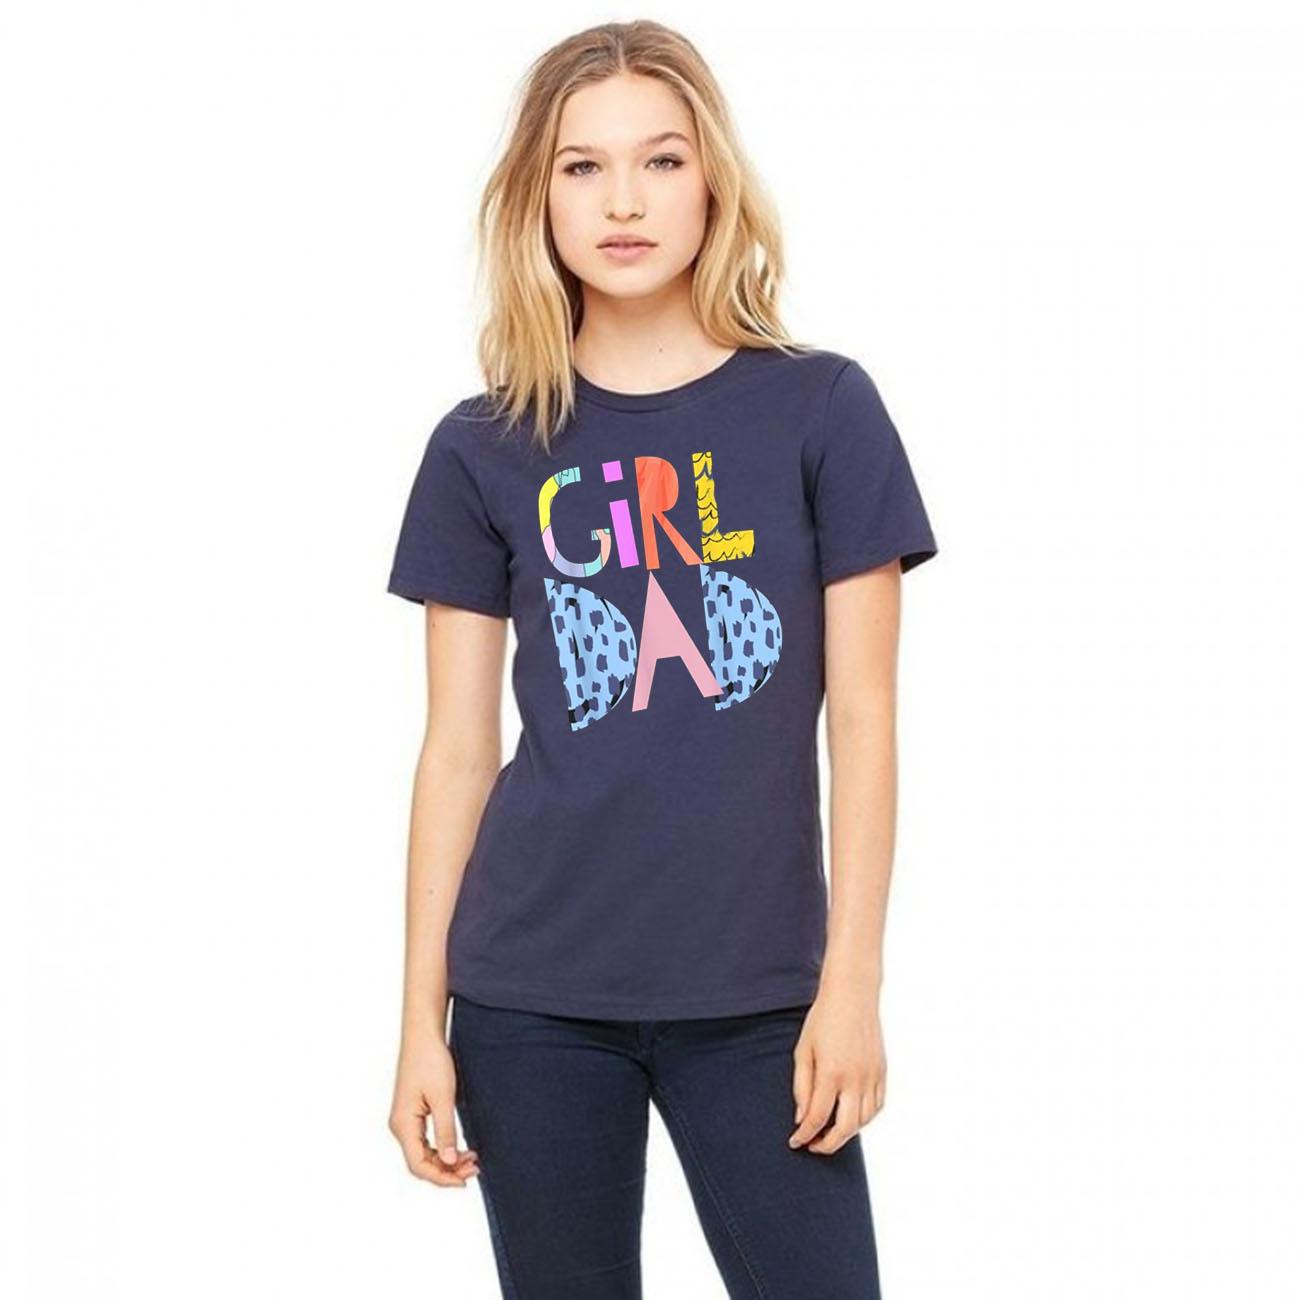 #girldad girl dad girldad im a girls dad proud dad gear Gift T-Shirt